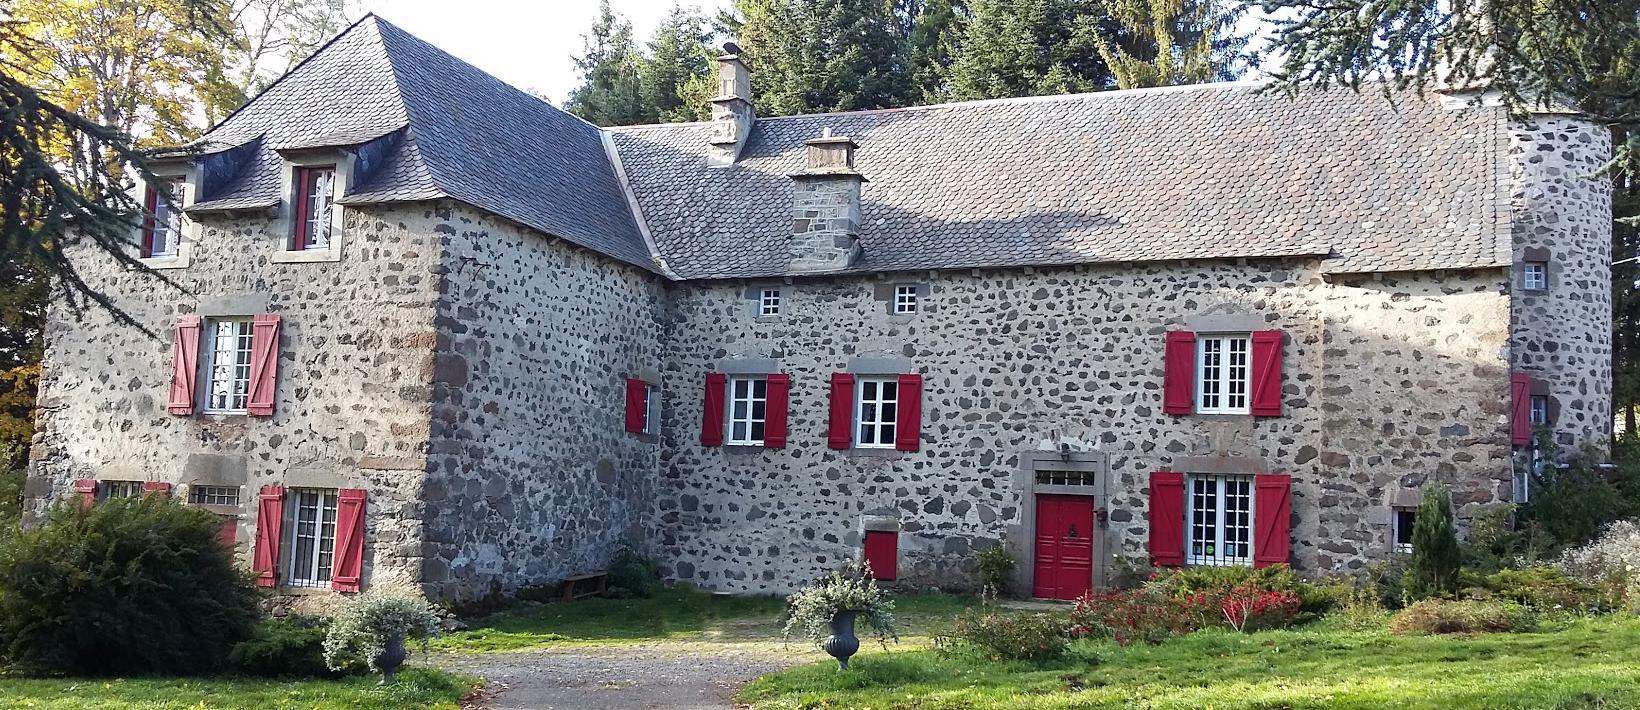 Ferme des prades chambres d 39 h tes cantal auvergne for Auvergne chambre d hote